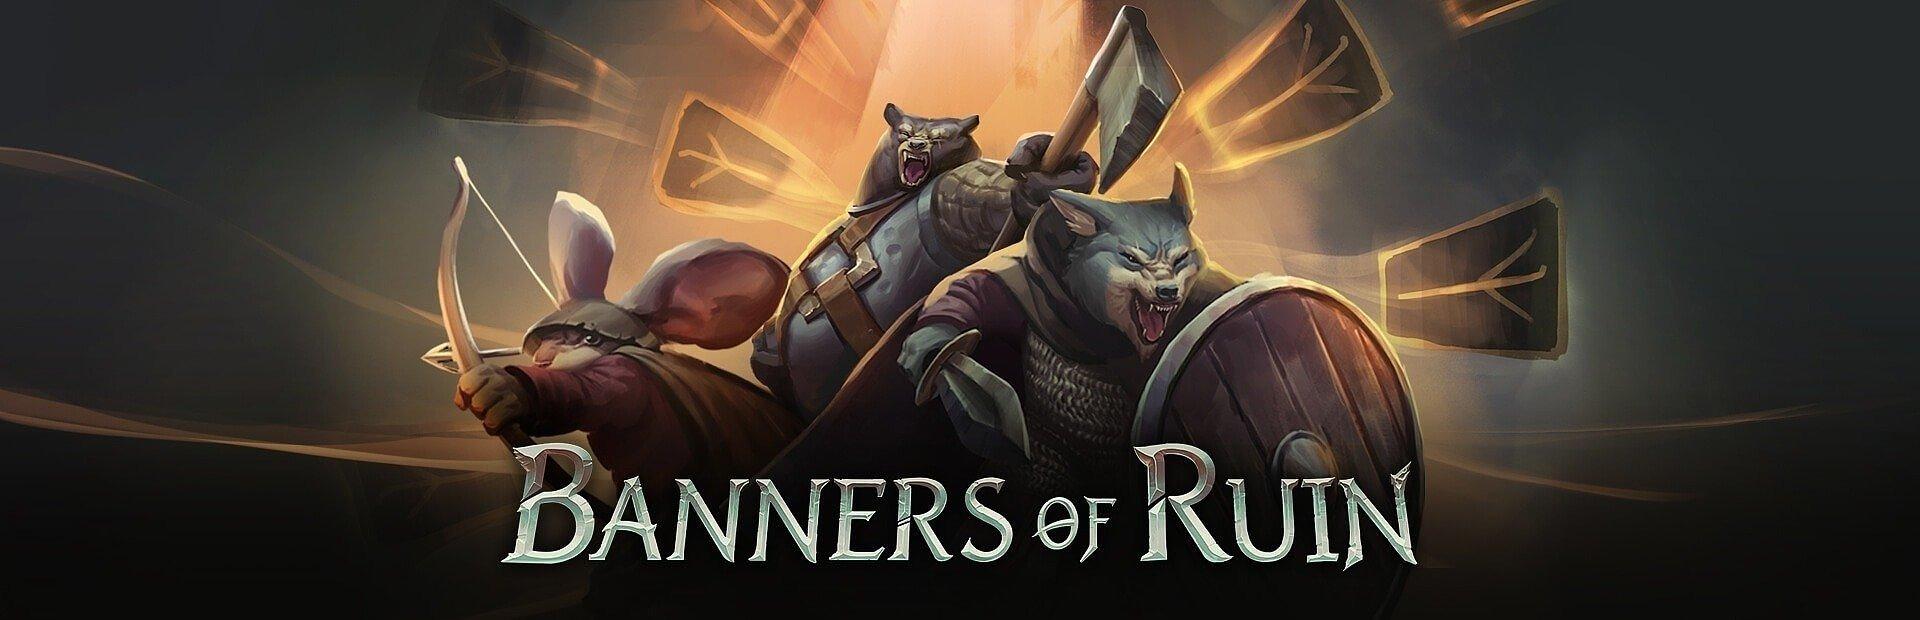 Deckbuilder Banners of Ruin będzie dostępny już 29 lipca na PC i Nintendo Switch